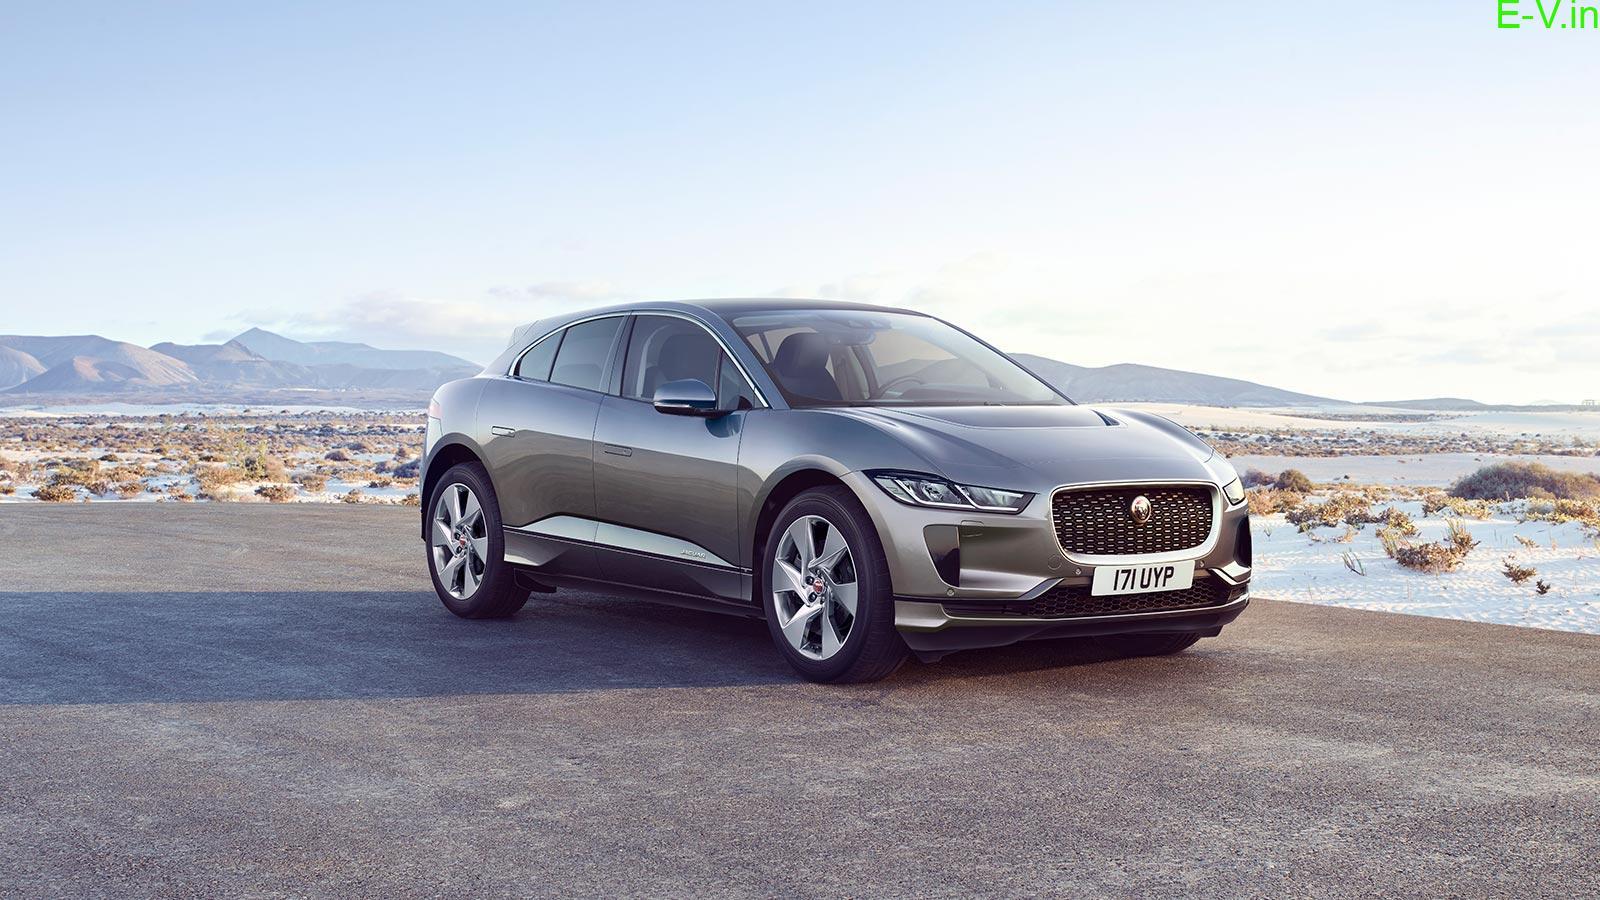 Jaguar I-PACE luxury electric